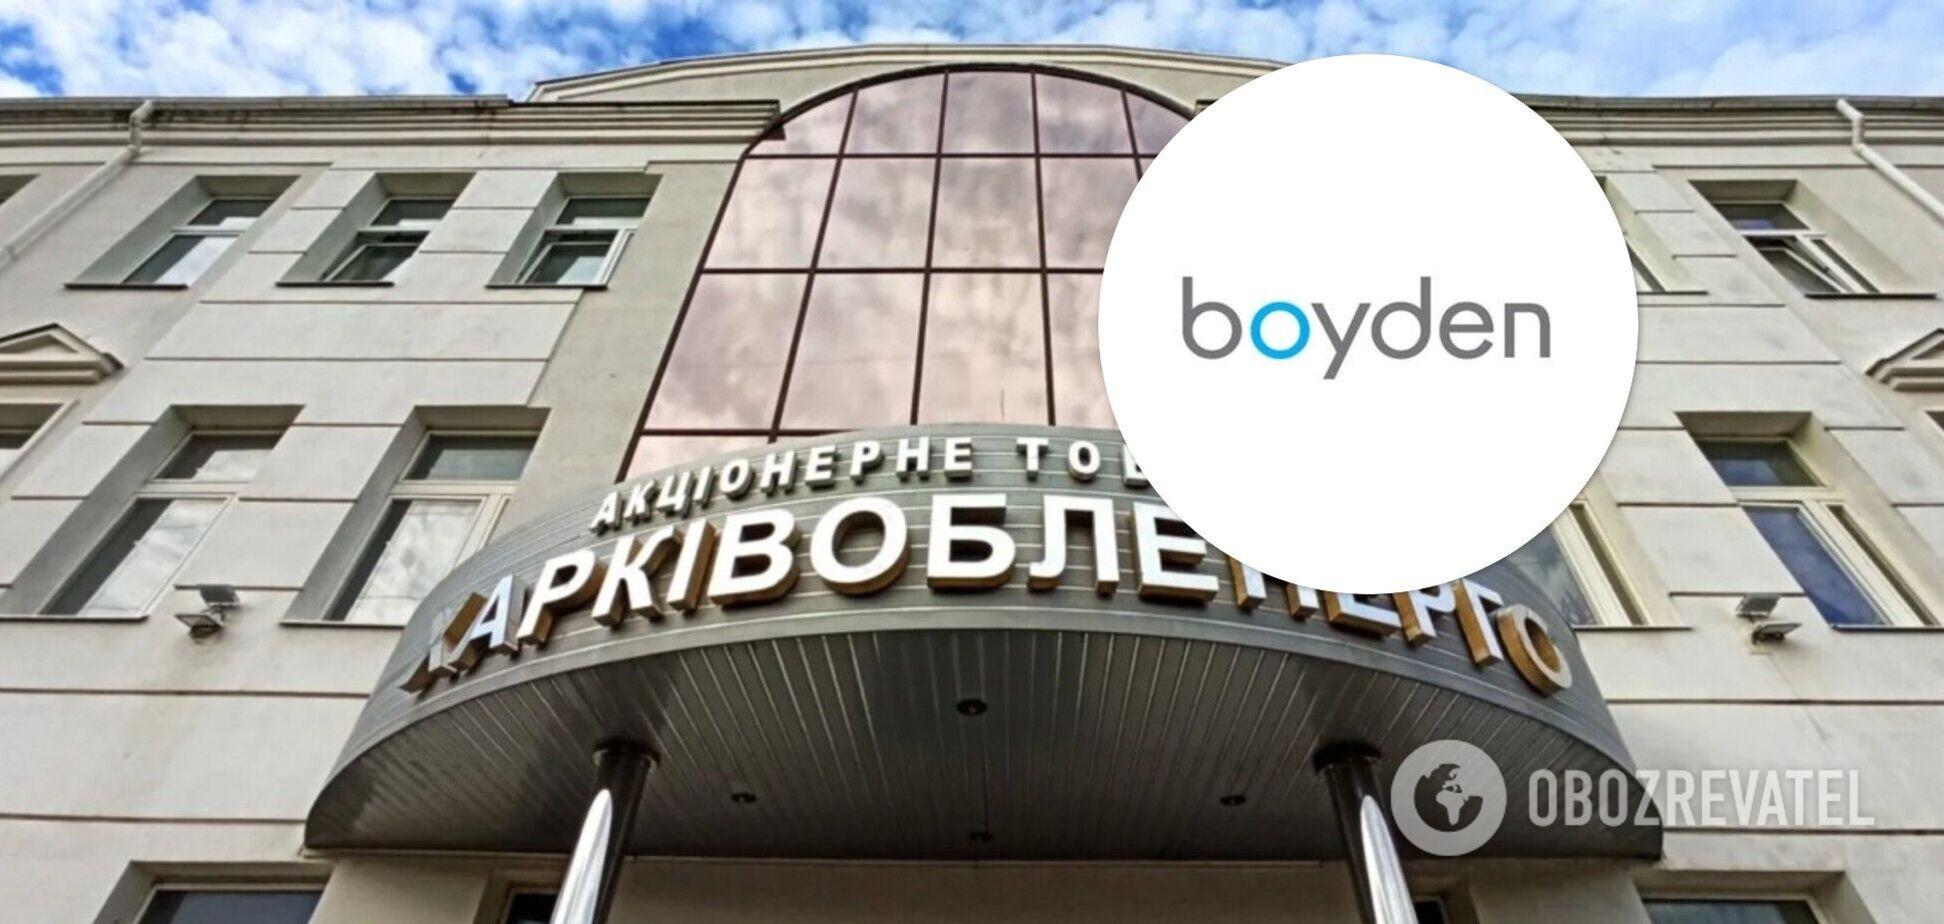 В Boyden сформировали комиссию для отбора независимых членов в набсоветы 'Харьковоблэнерго' и 'Харьковэнергосбыт'